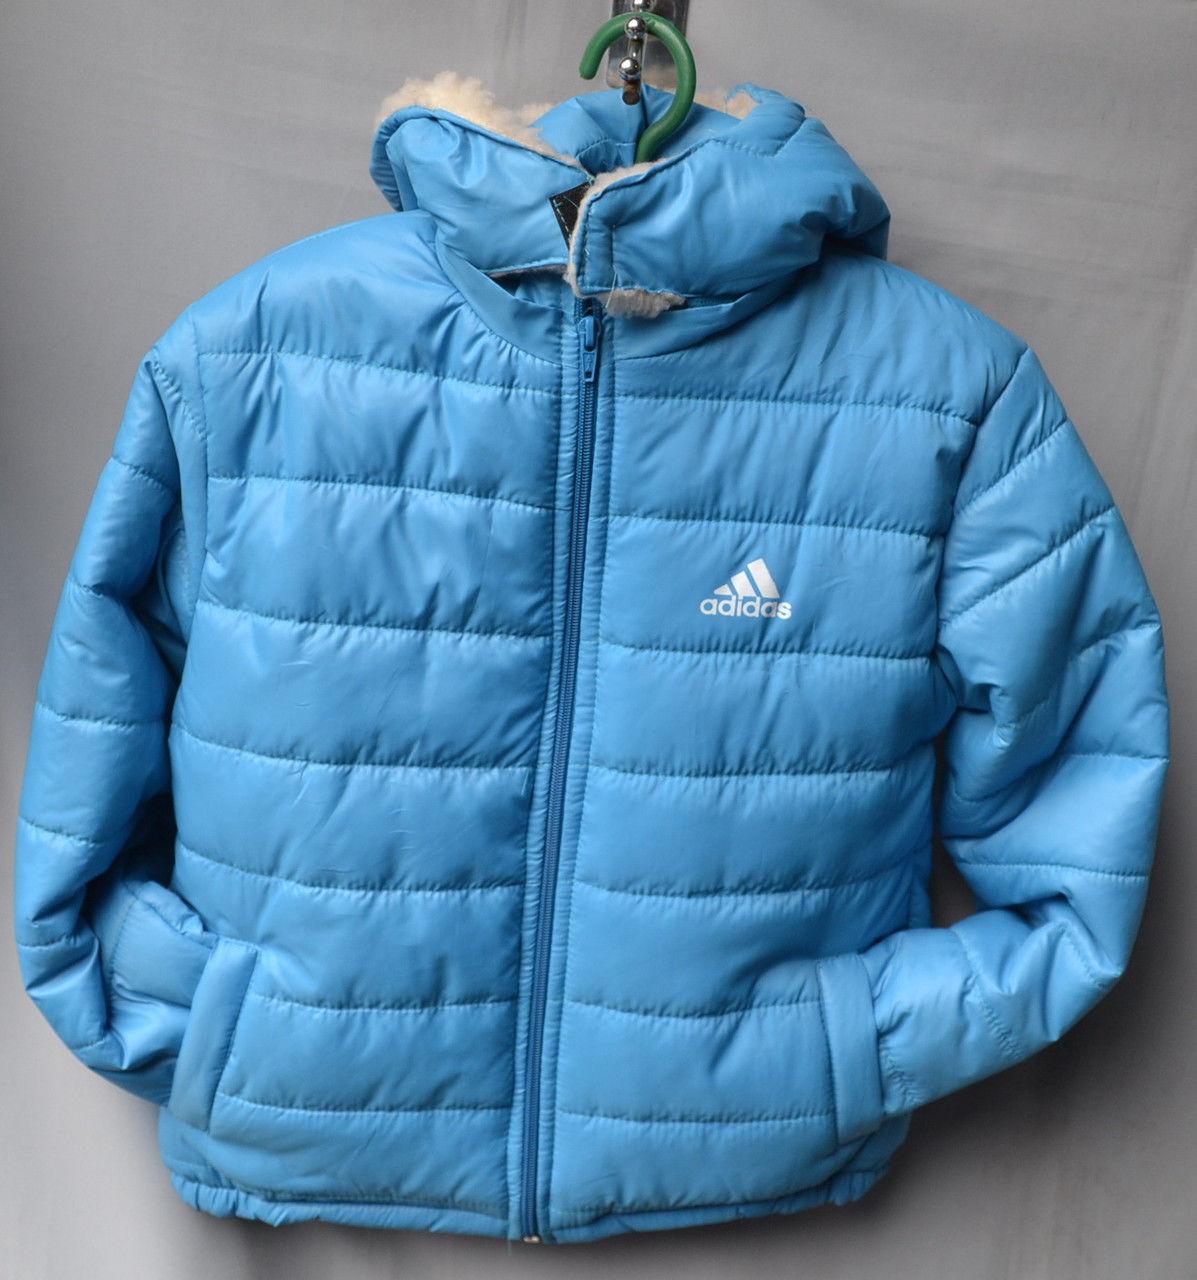 Купить Детскую Куртку Коламбия